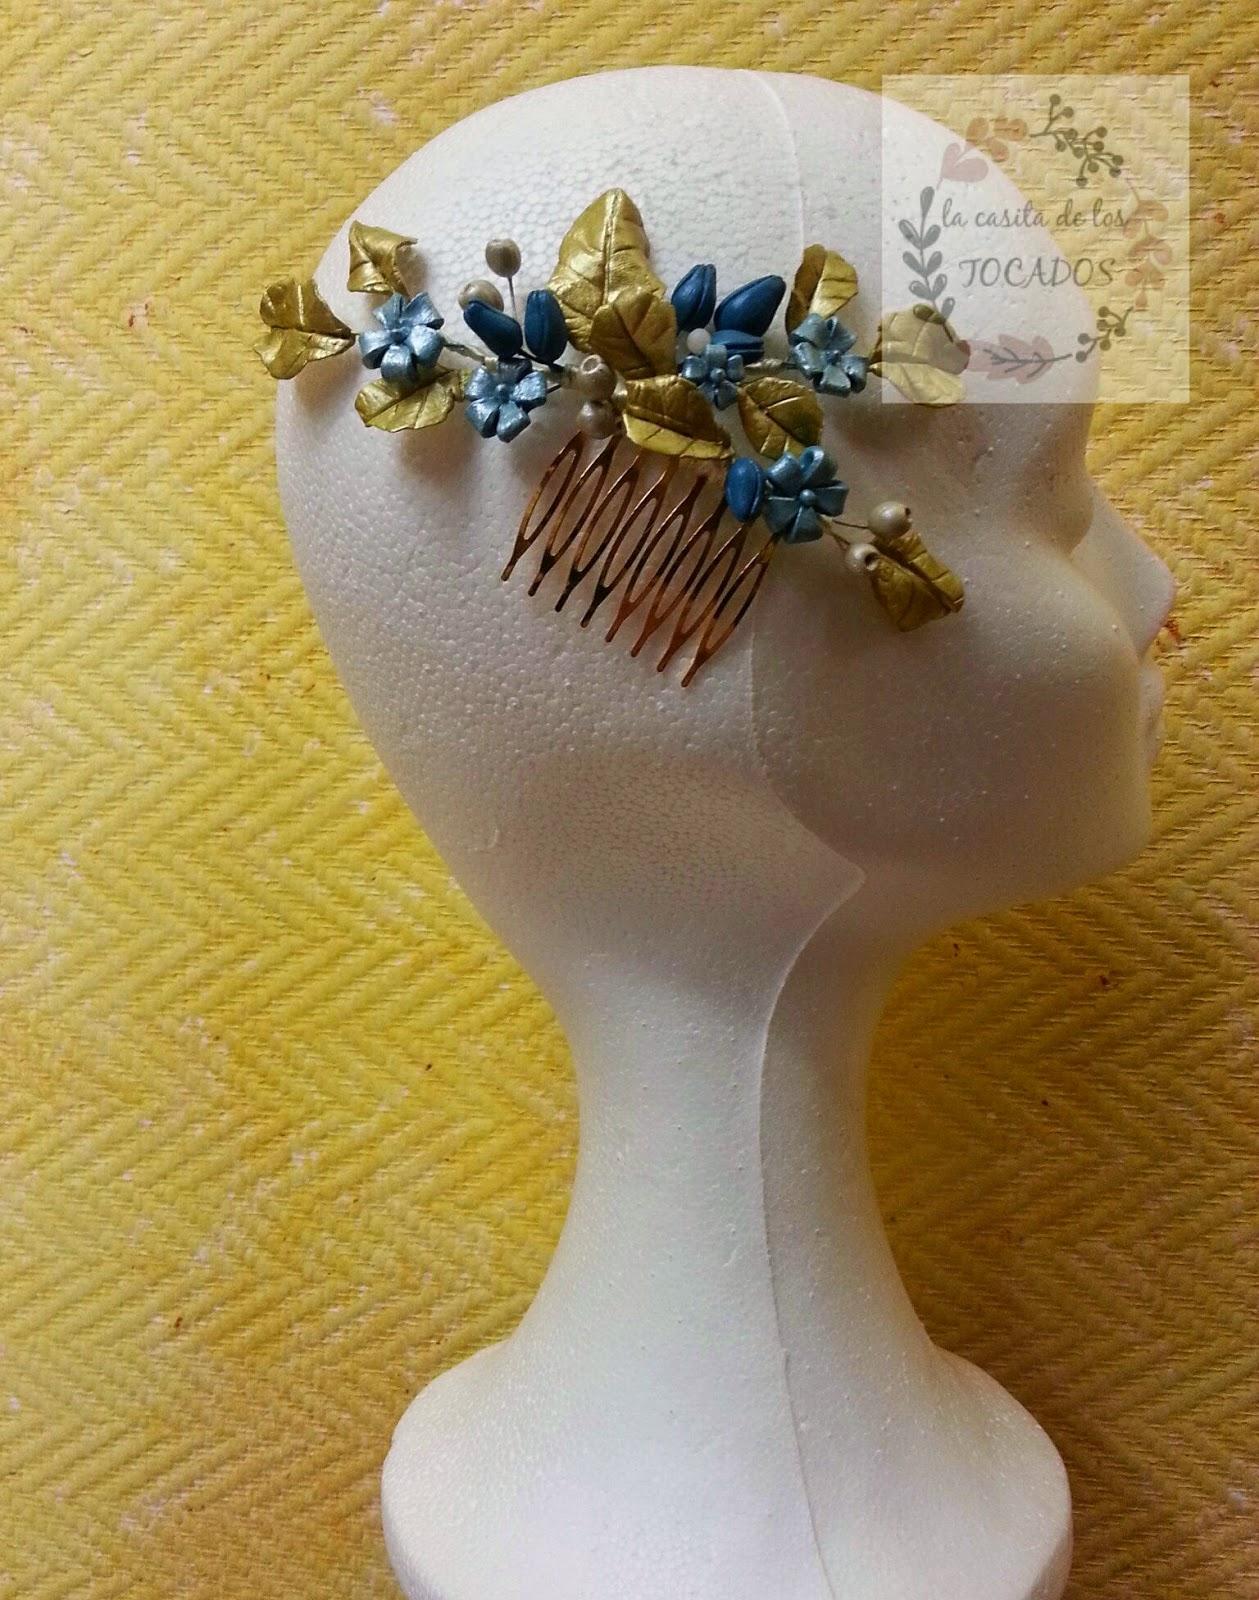 peineta para invitada de boda realizada en colores turquesa y dorado con porcelana fría